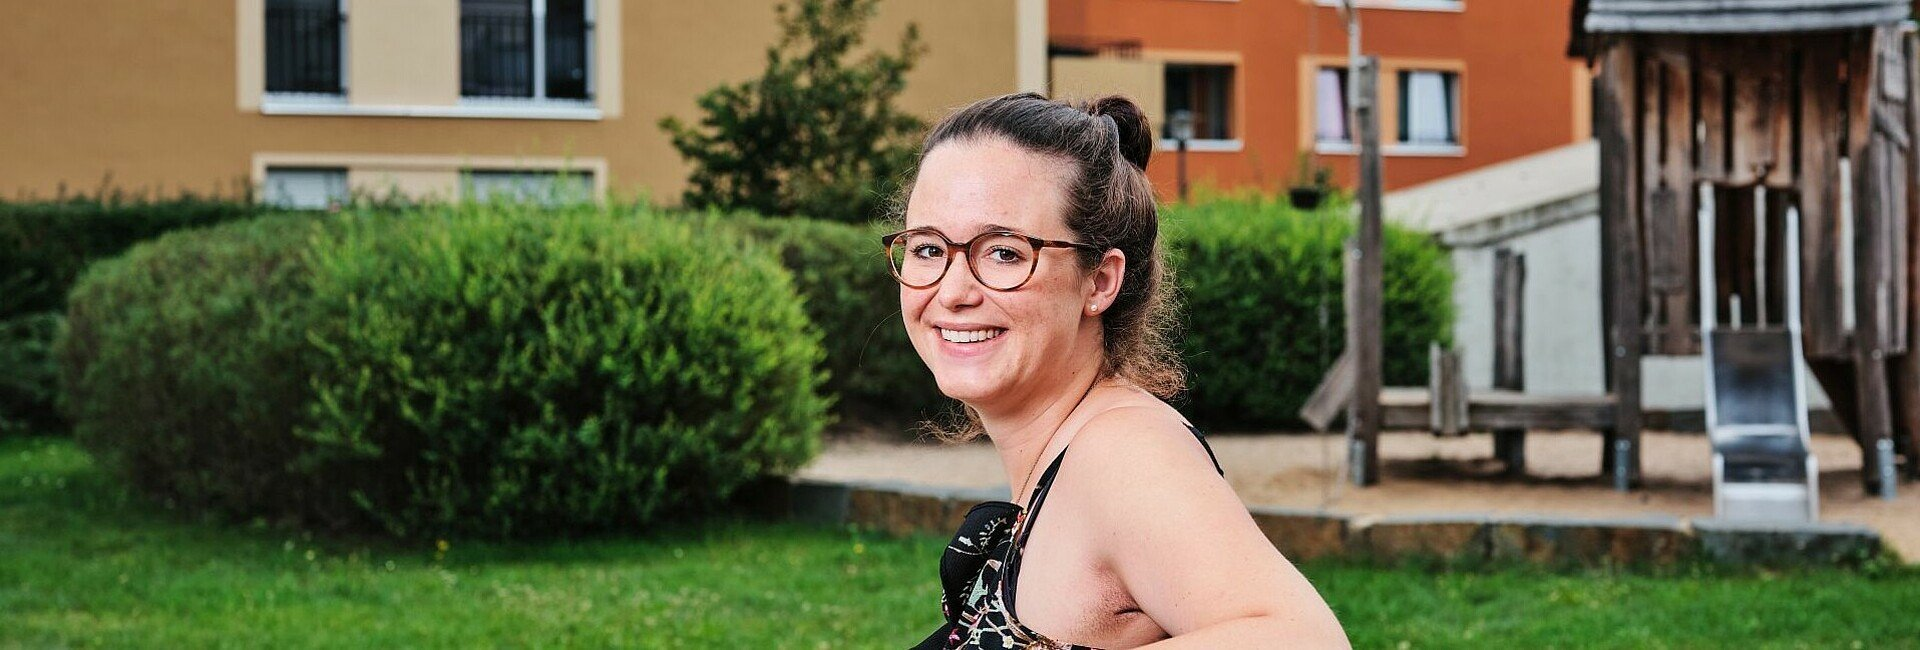 Friederike Zoubaa erzählt von ihrem Leben in Köln